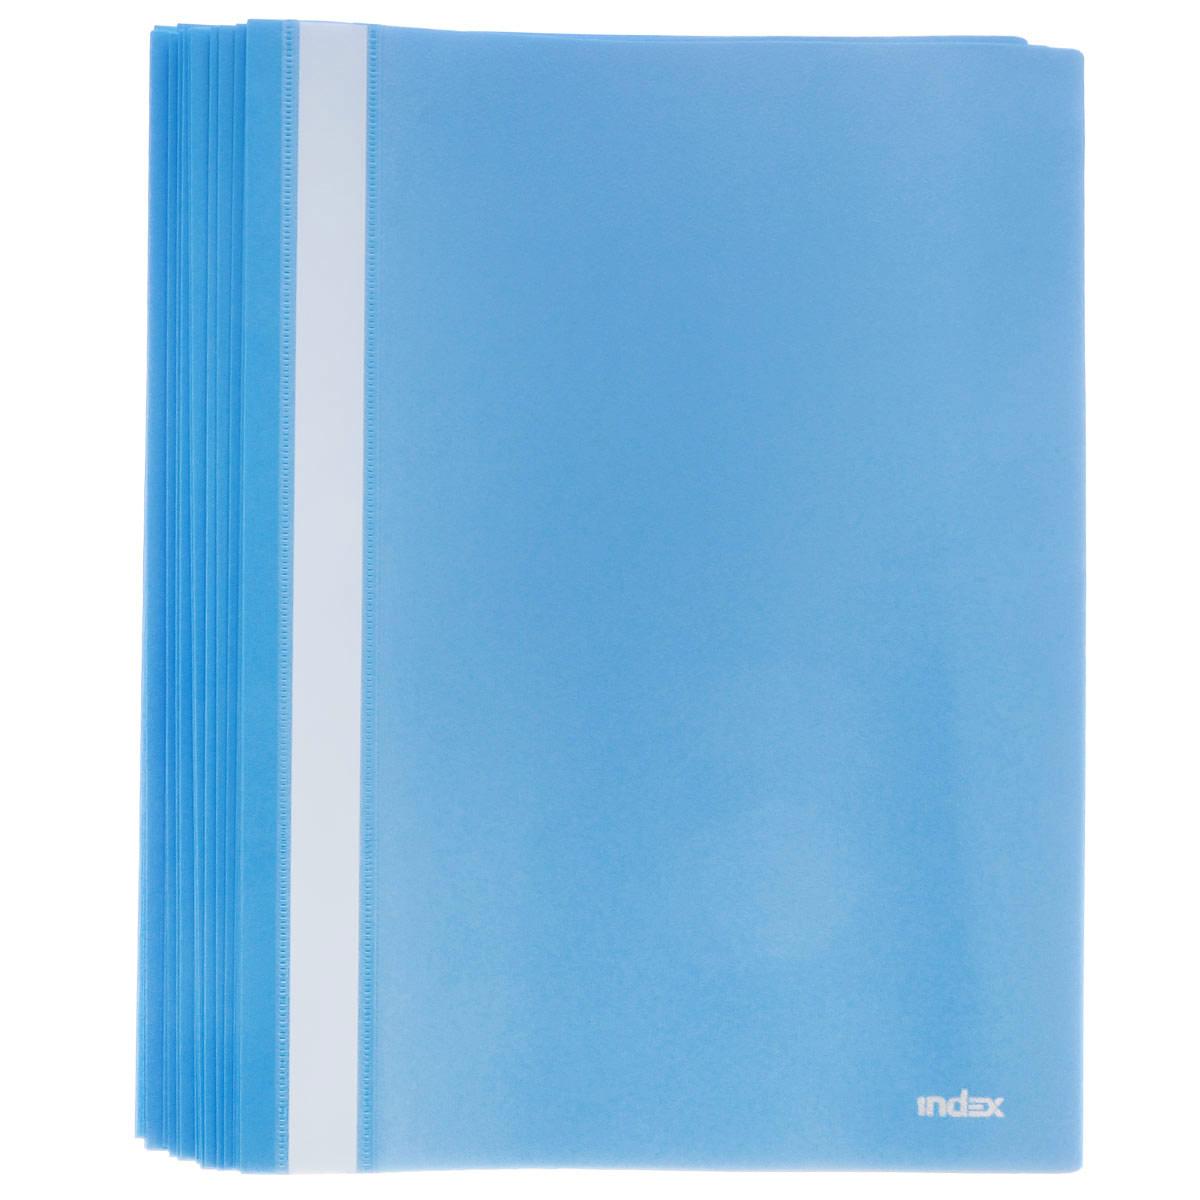 Папка-скоросшиватель Index, цвет: синий. Формат А4, 20 штI200/BUПапка-скоросшиватель Index, изготовленная из высококачественного полипропилена, это удобный и практичный офисный инструмент, предназначенный для хранения и транспортировки рабочих бумаг и документов формата А4. Папка оснащена верхним прозрачным матовым листом и металлическим зажимом внутри для надежного удержания бумаг. В наборе - 20 папок. Папка-скоросшиватель - это незаменимый атрибут для студента, школьника, офисного работника. Такая папка надежно сохранит ваши документы и сбережет их от повреждений, пыли и влаги. Комплектация: 20 шт.